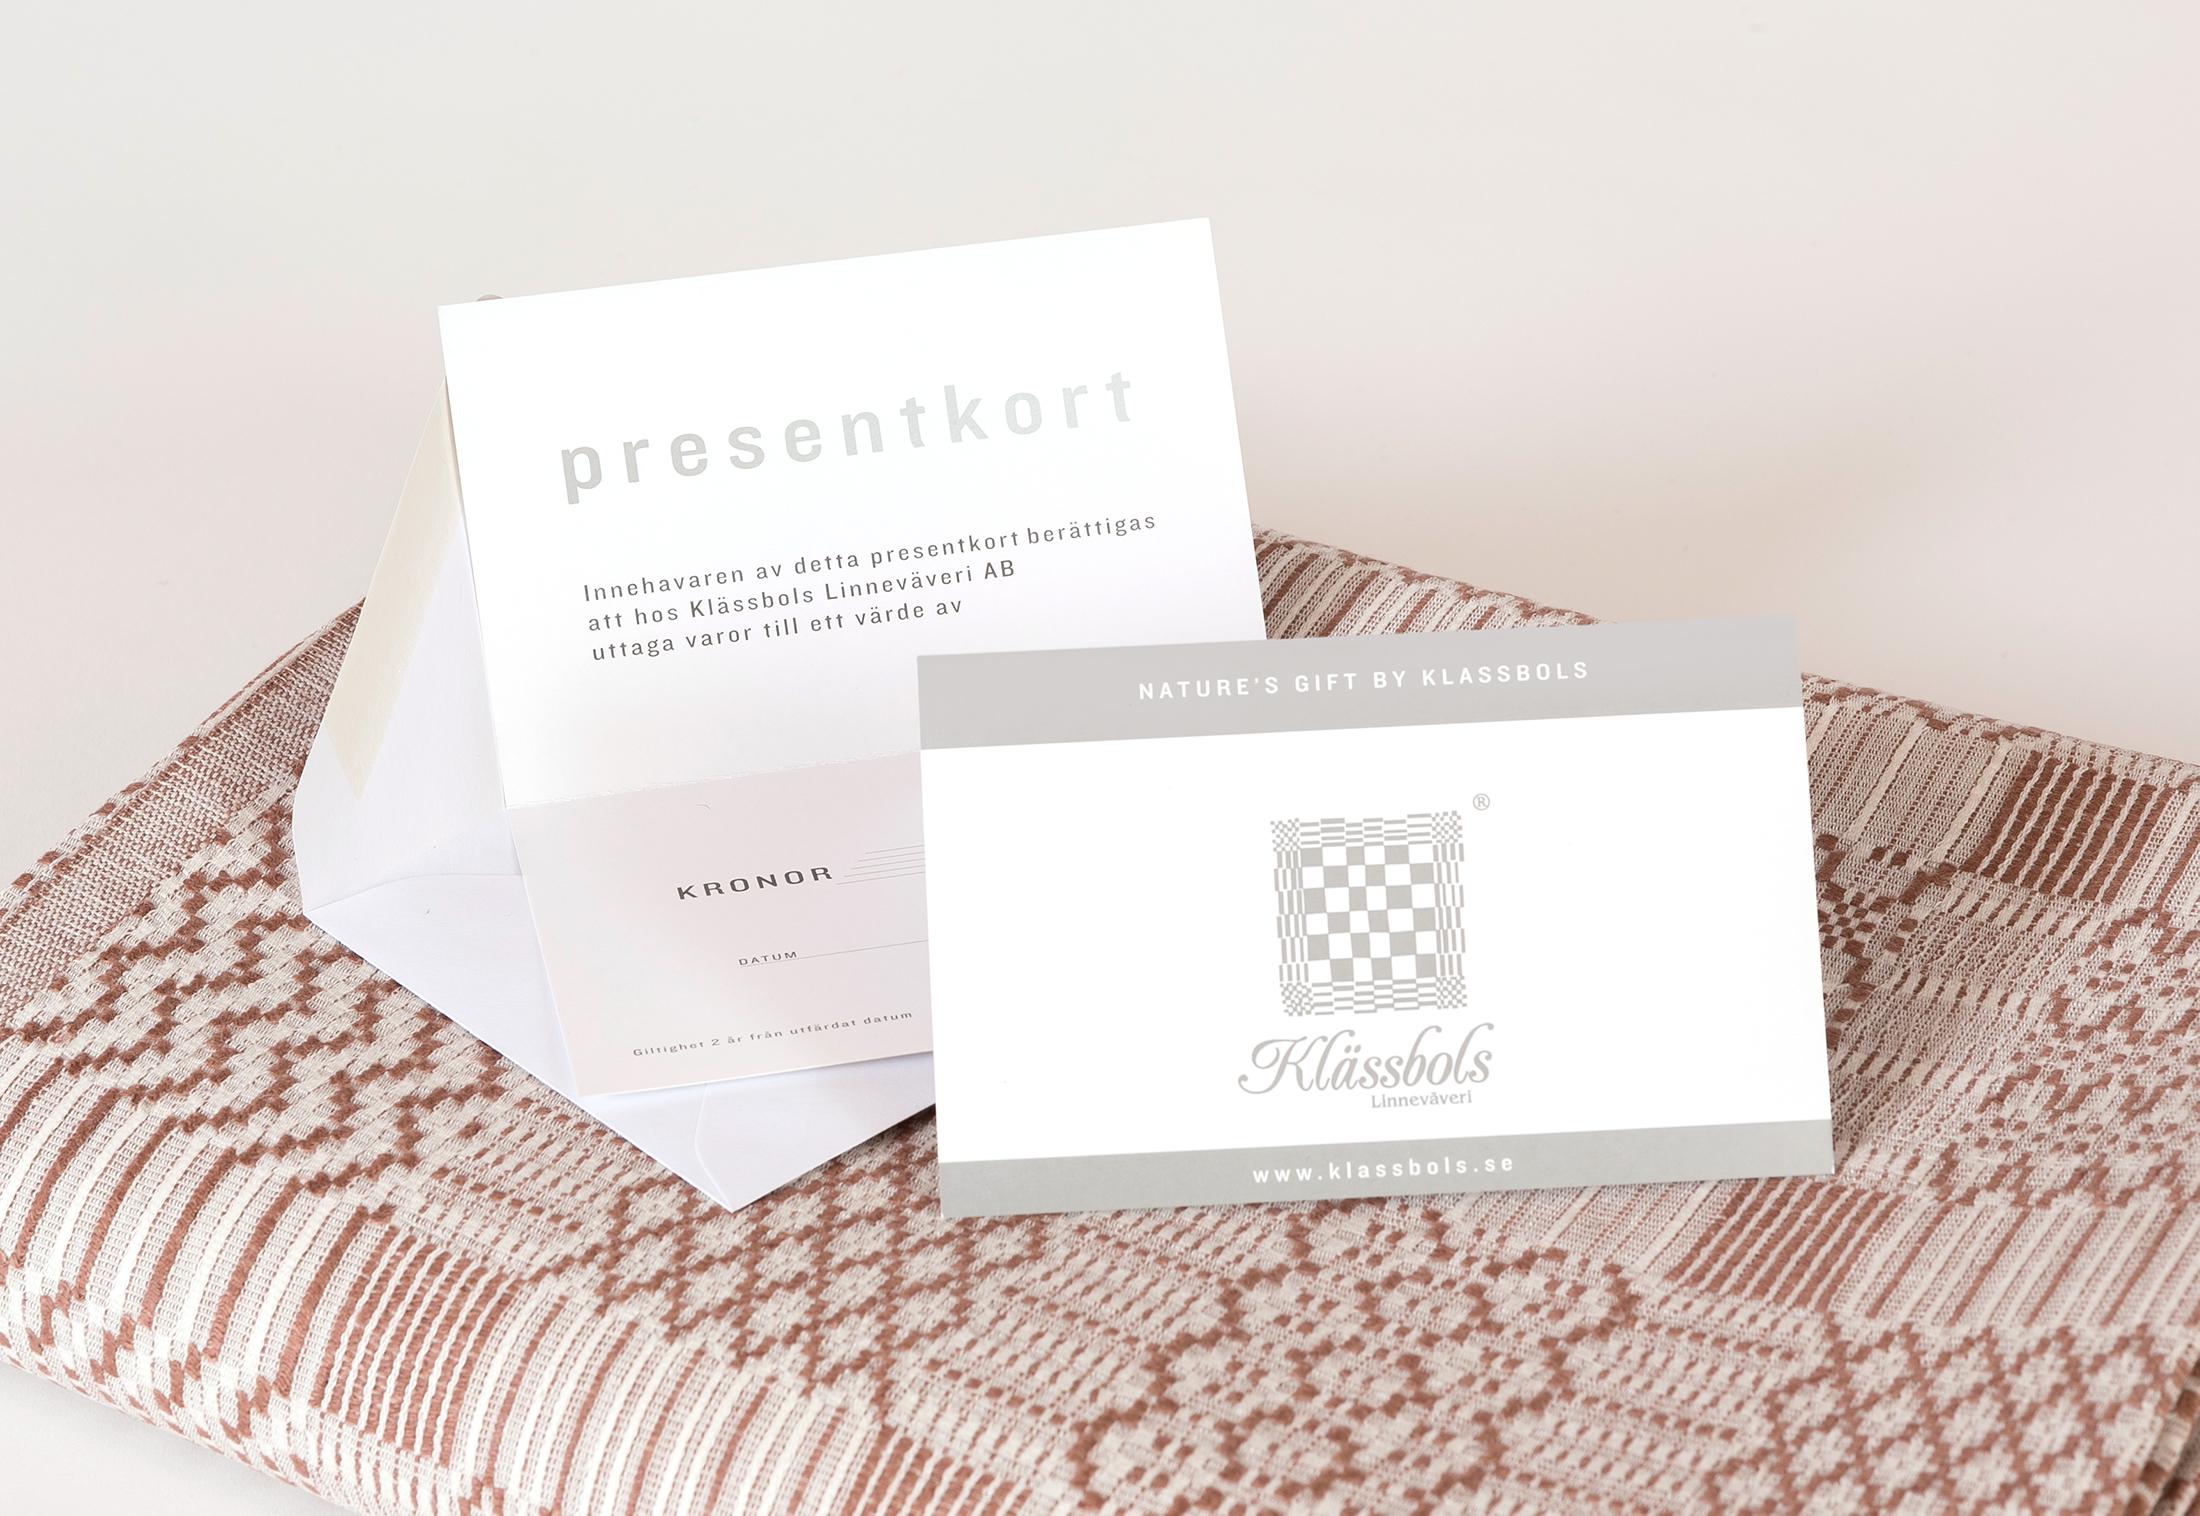 Presentkort Klässbols Linneväveri